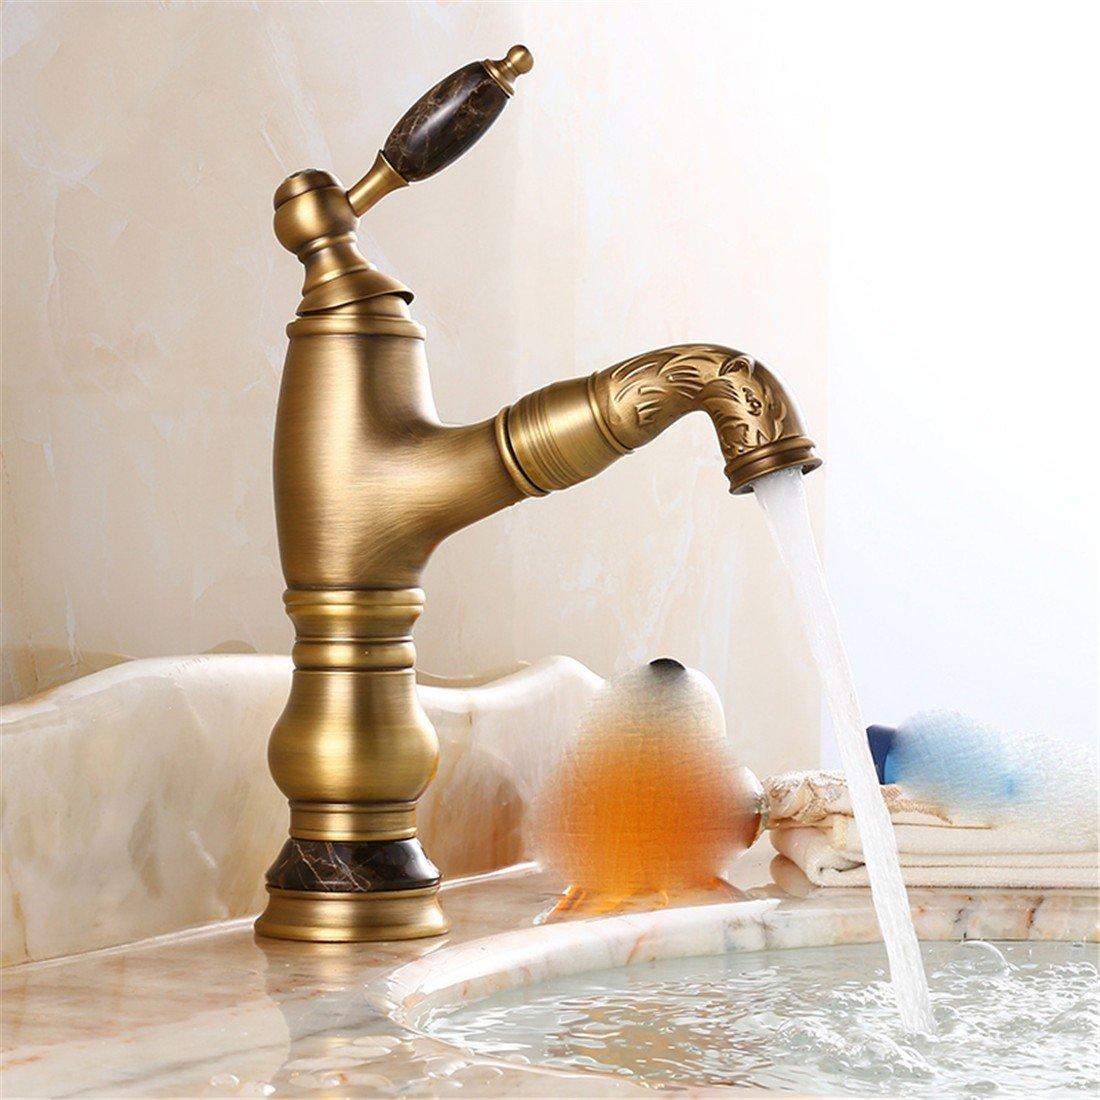 Bijjaladeva Cascada Grifo del Fregadero del bañoEl Lavabo del baño grifos de Oro Rosa Solo Manejar el Doble-Mezcla controlada de Grifo de Agua fría y Caliente Home-en-el-Grifo de Accesorios de baño Grifos de lavabo